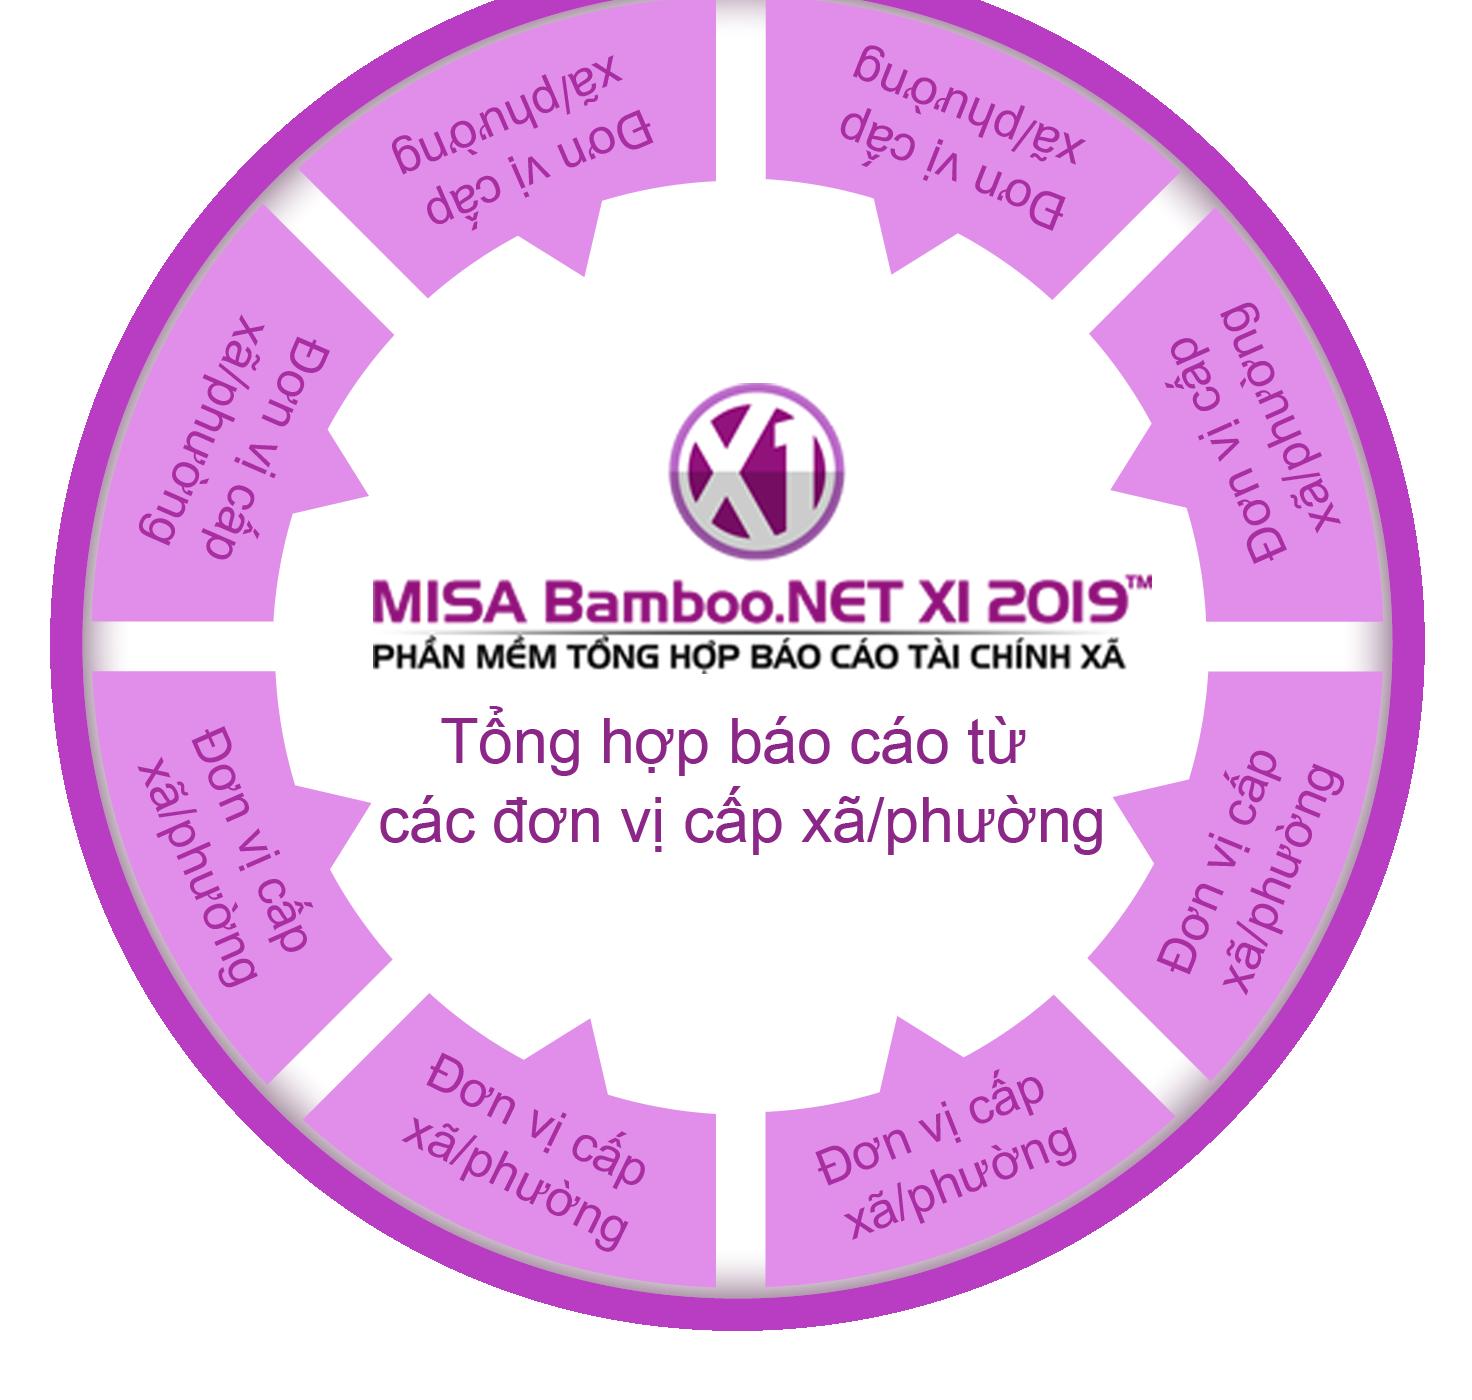 Phần mềm tổng hợp báo cáo tài chính xã/phường MISA Bamboo.NET X1 2019